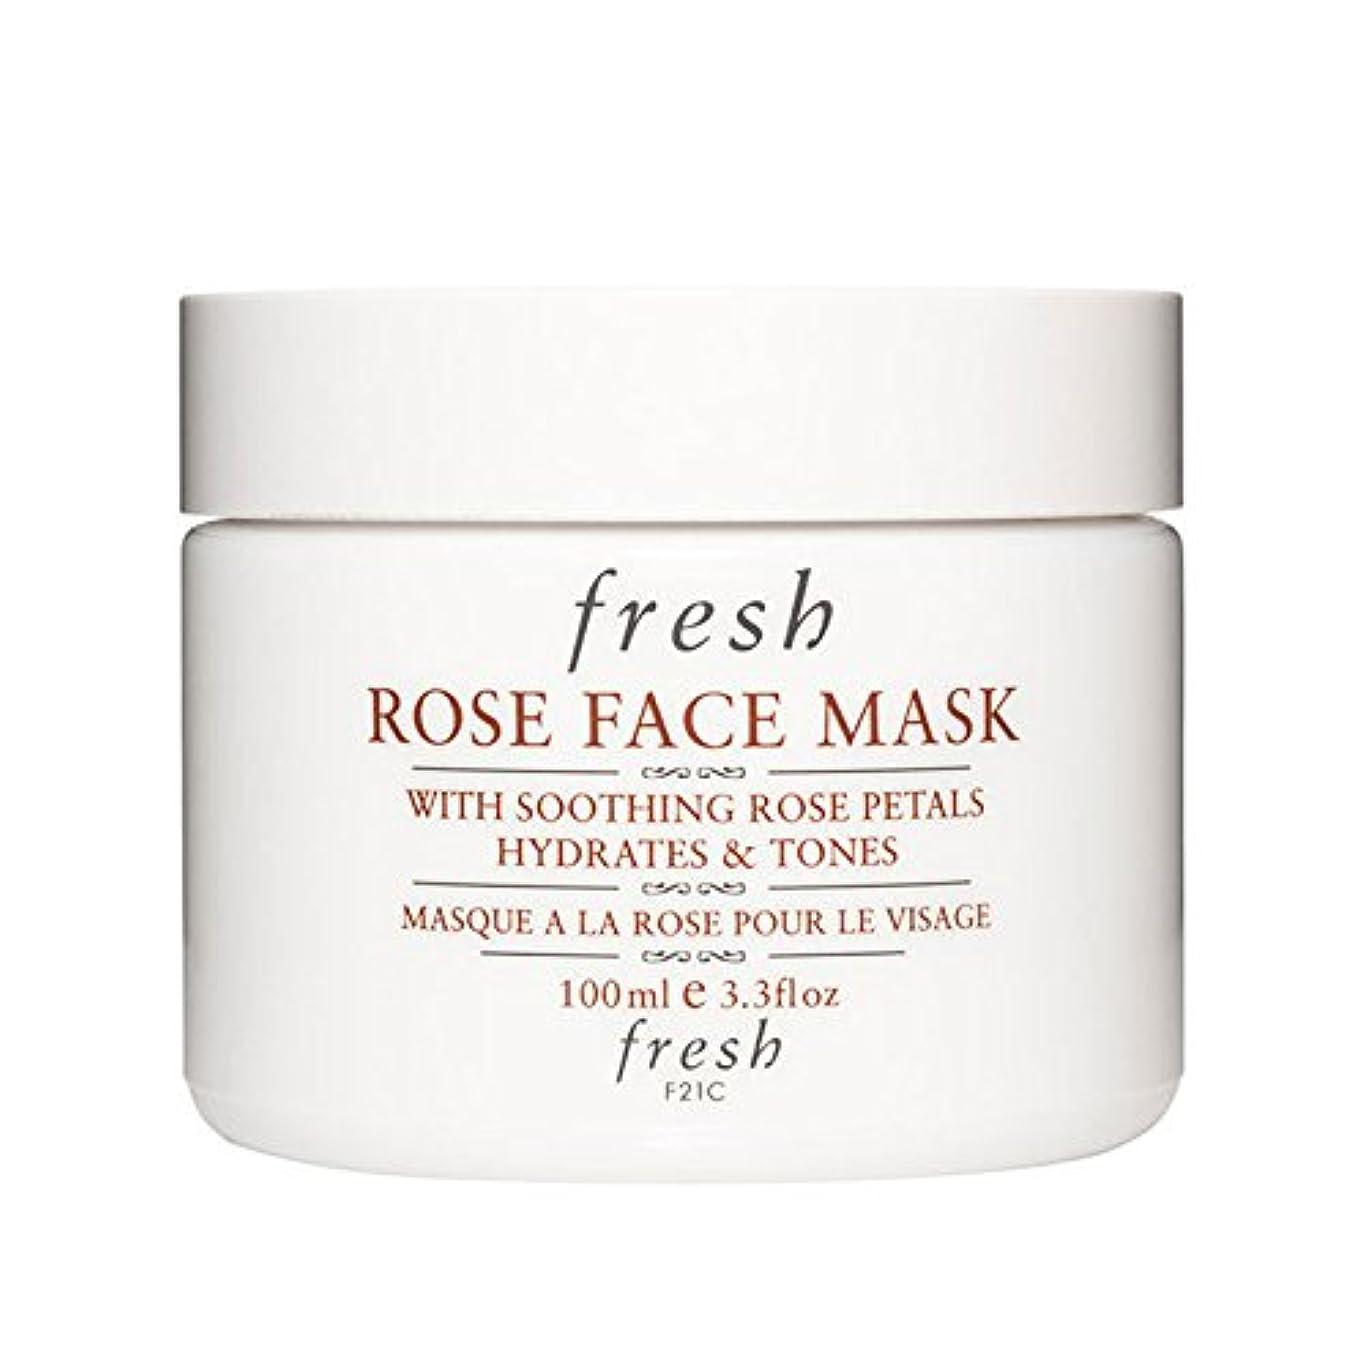 【並行輸入品】Fresh ROSE FACE MASK (フレッシュ ローズフェイスマスク) 3.4 oz (100g) by Fresh for Women